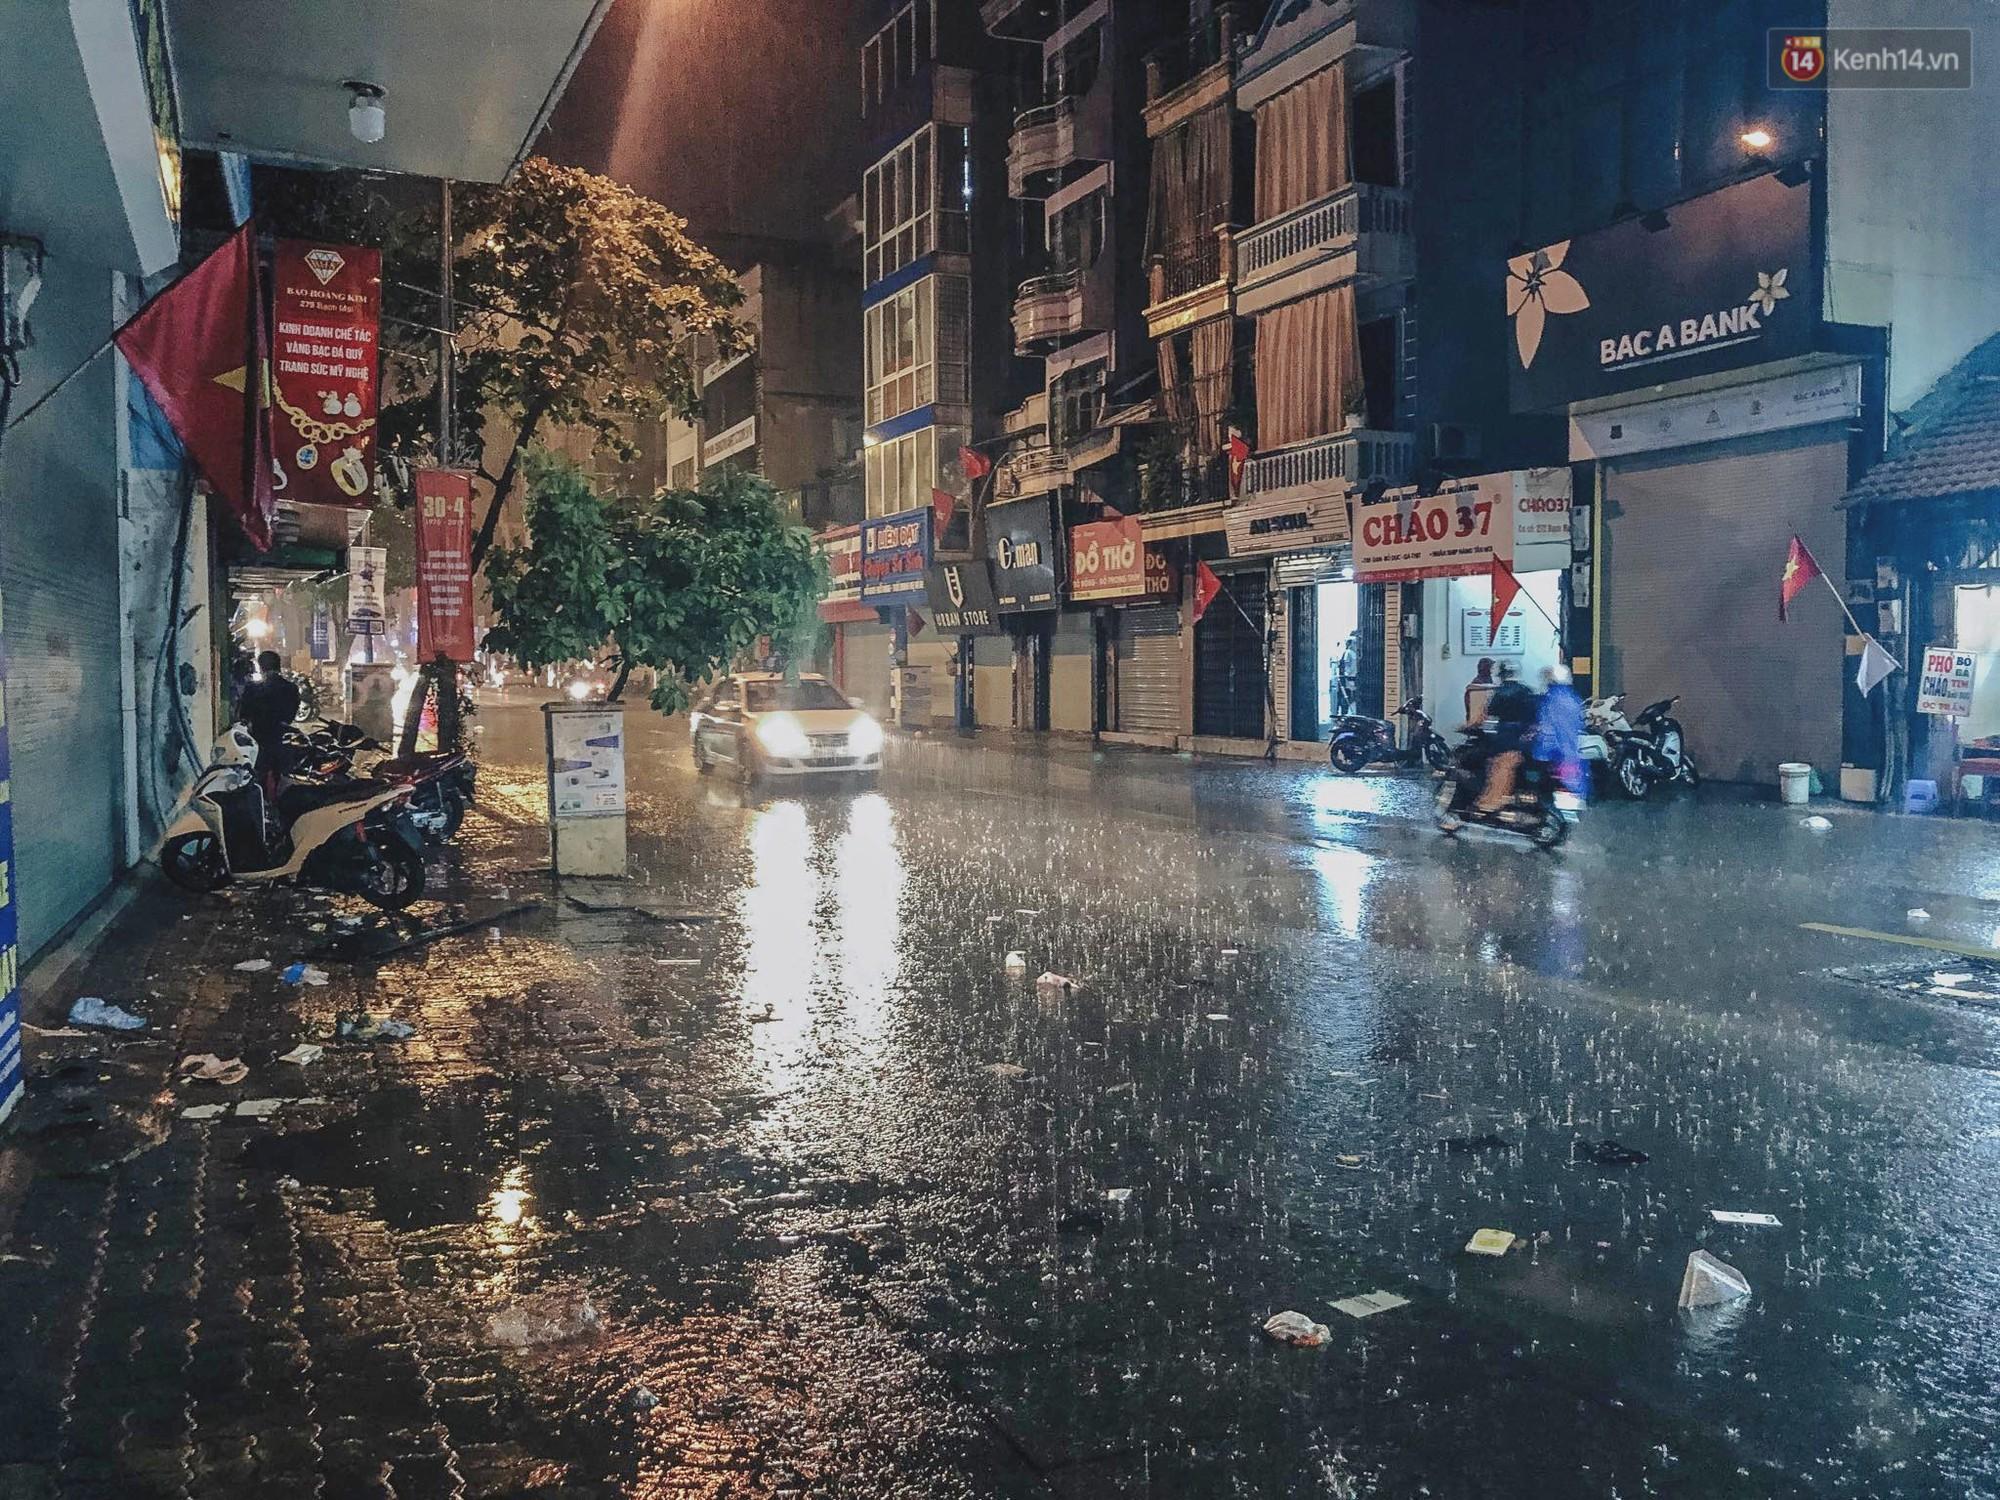 Hà Nội đón trận mưa lớn bất ngờ sau chuỗi ngày oi bức đến ngộp thở, một số tuyến đường bắt đầu ngập úng - Ảnh 3.